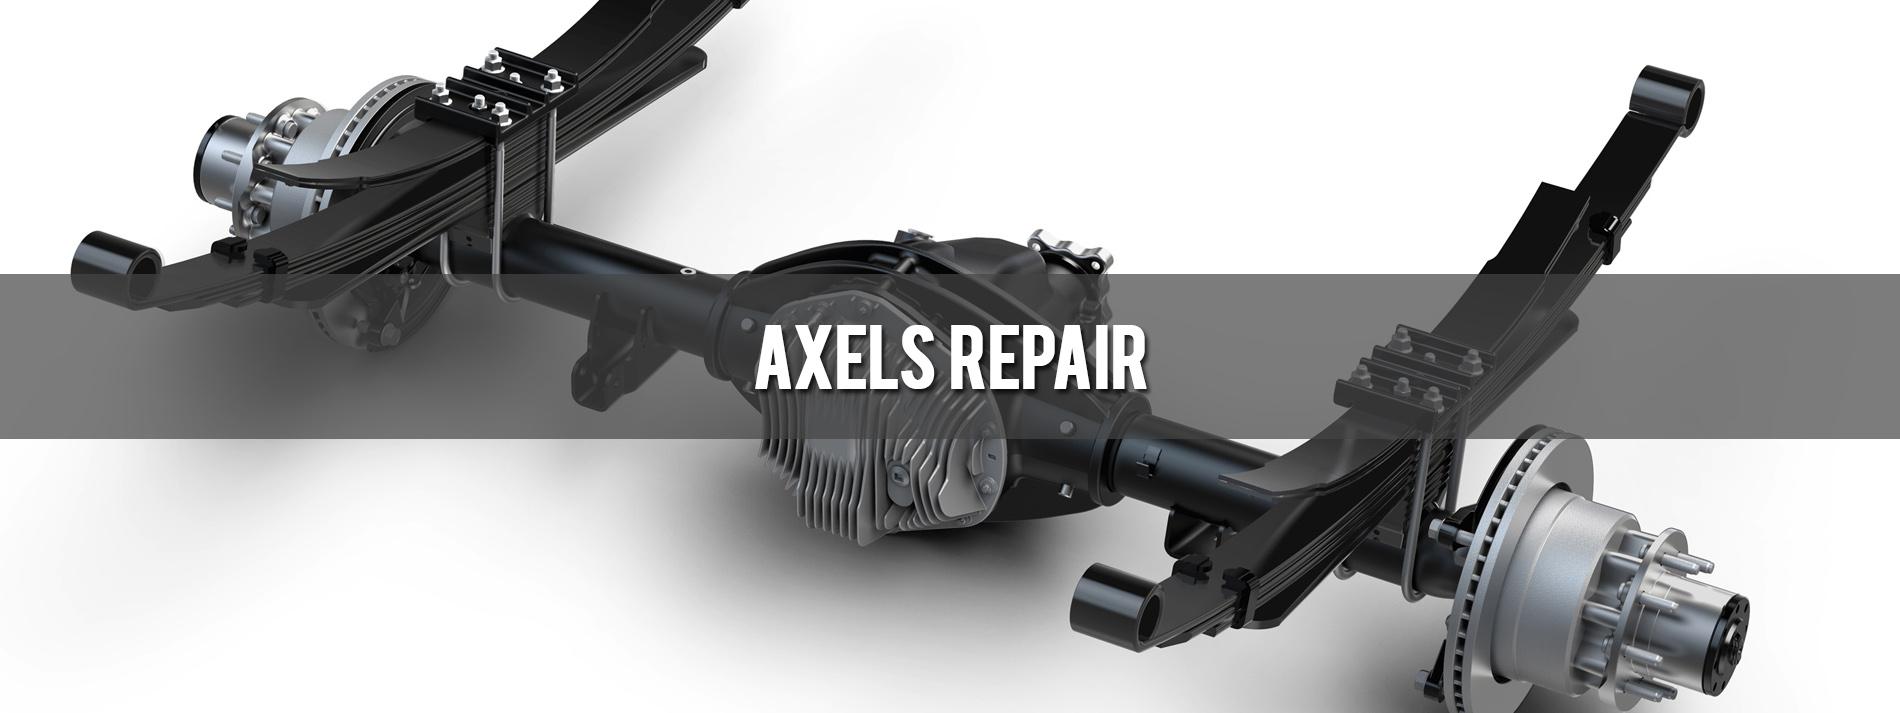 Axels Repair